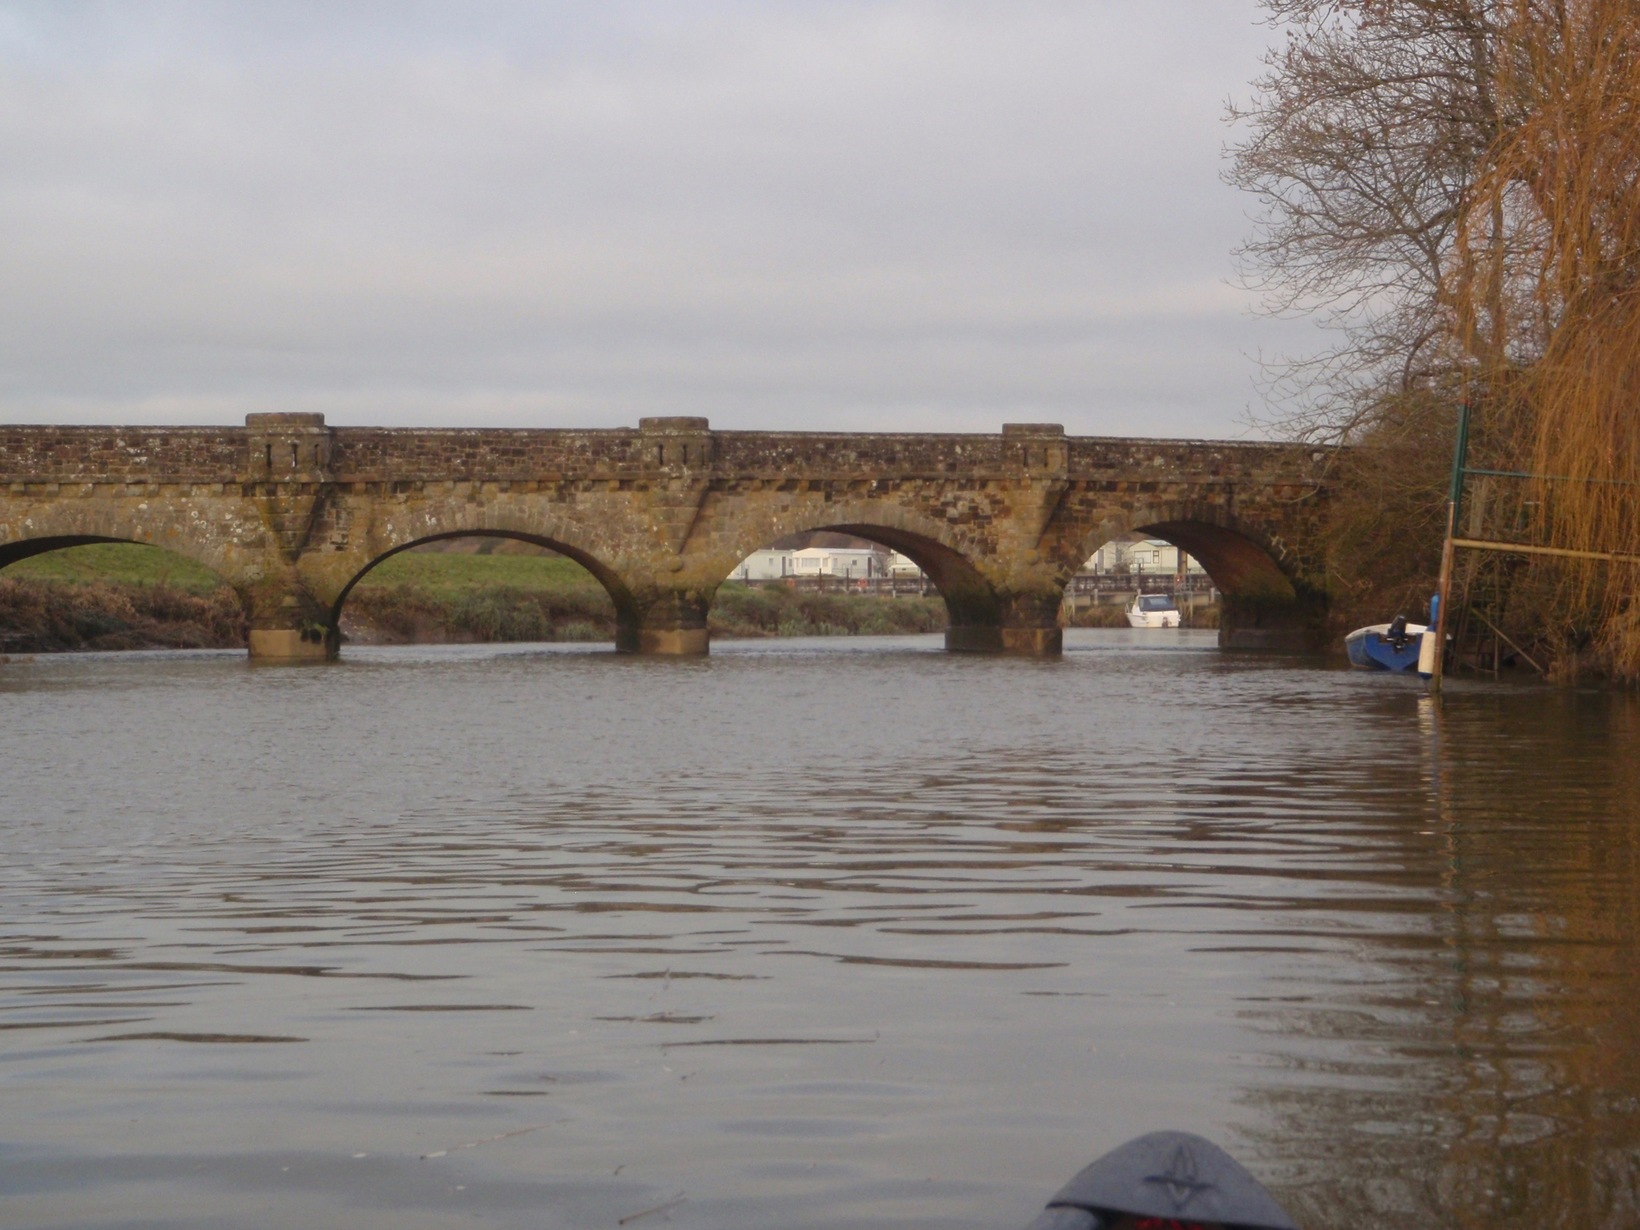 River Arun Kayak Tour. Kayaking past Amberley.